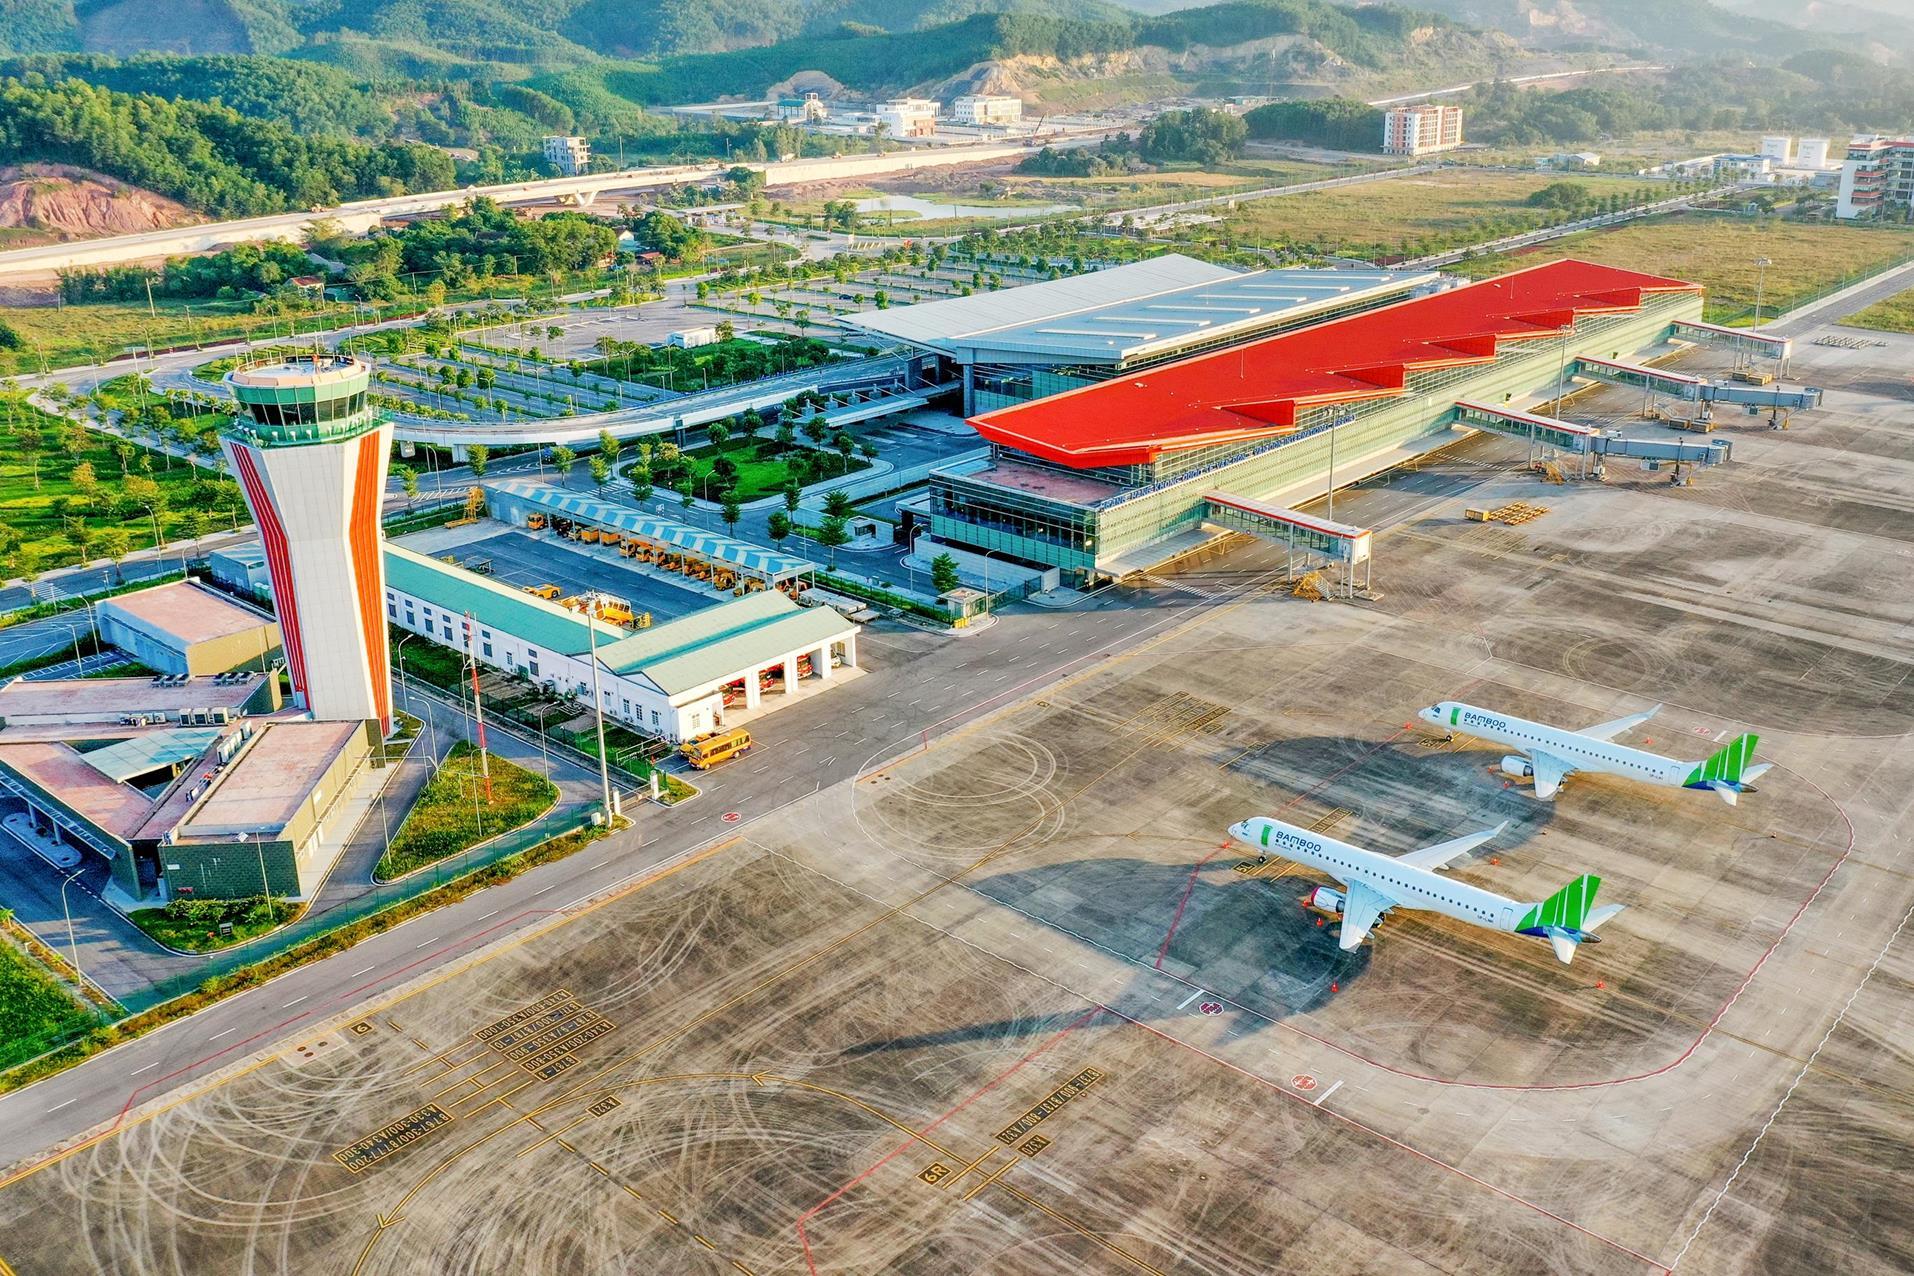 Hệ thống công nghệ tại sân bay hiện đại nhất Việt Nam có gì? 12